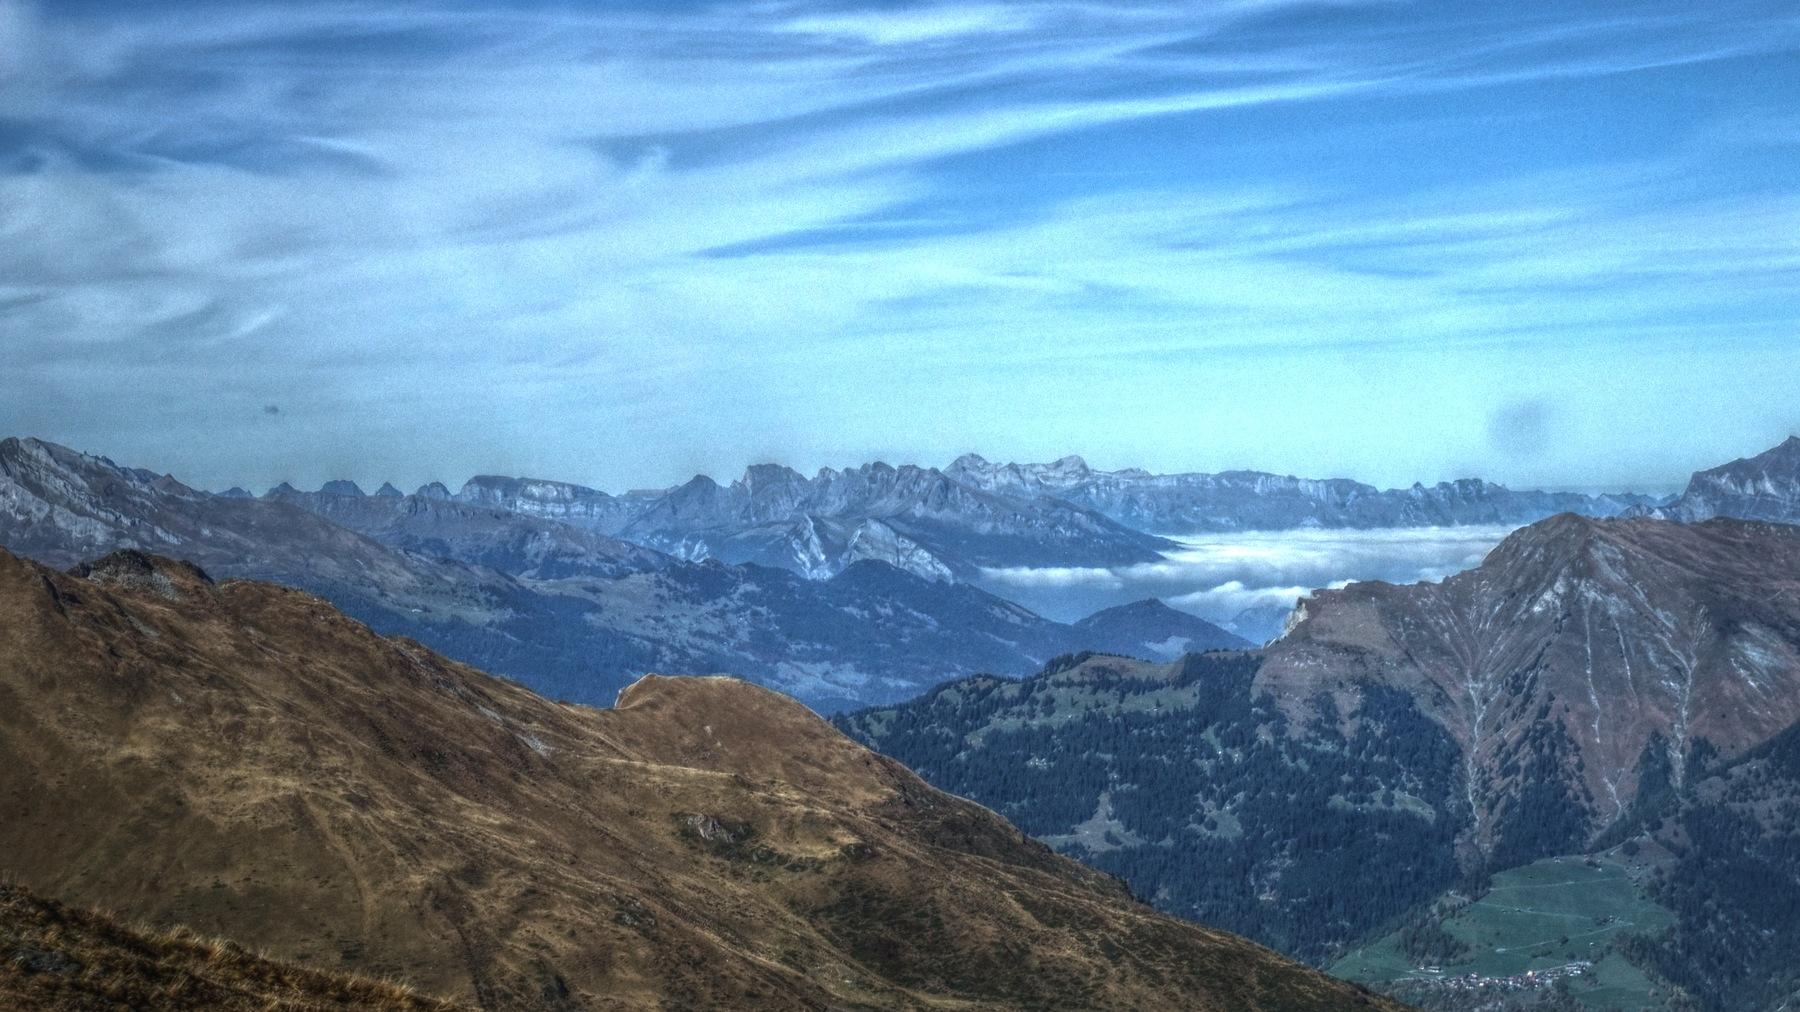 Nach der Auffahrt aufs Hörnli der Blick zum Alpstein (links die Churfirsten gut zu erkennen, rechts im Nebel das Rheintal, dazu noch ein kaputter Kamerasensor).